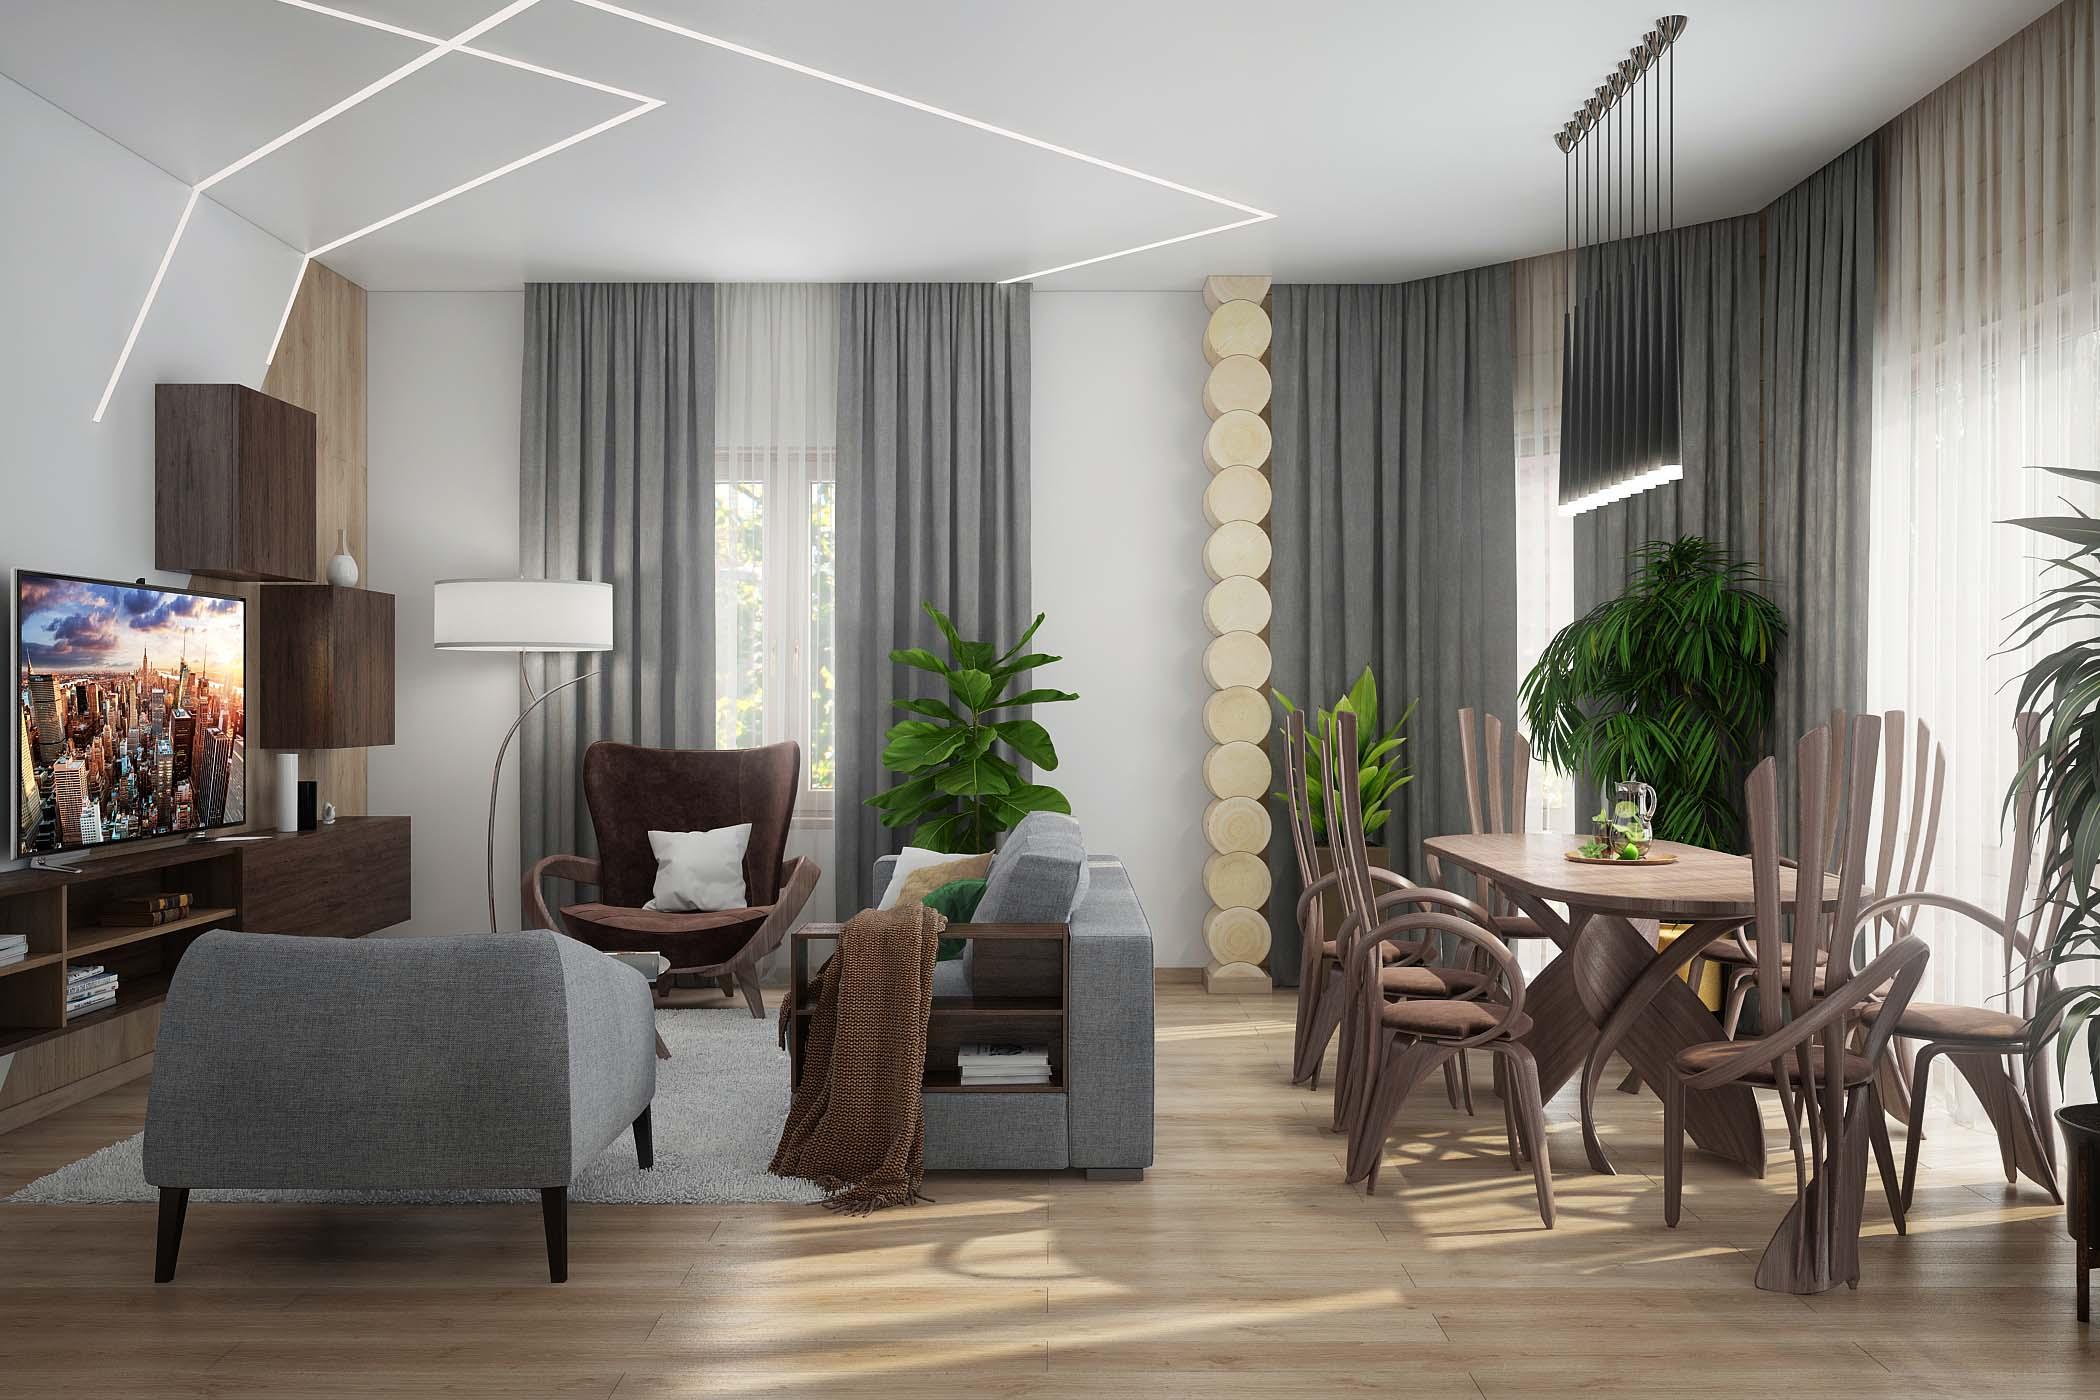 Дизайн интерьера гостиной в срубе